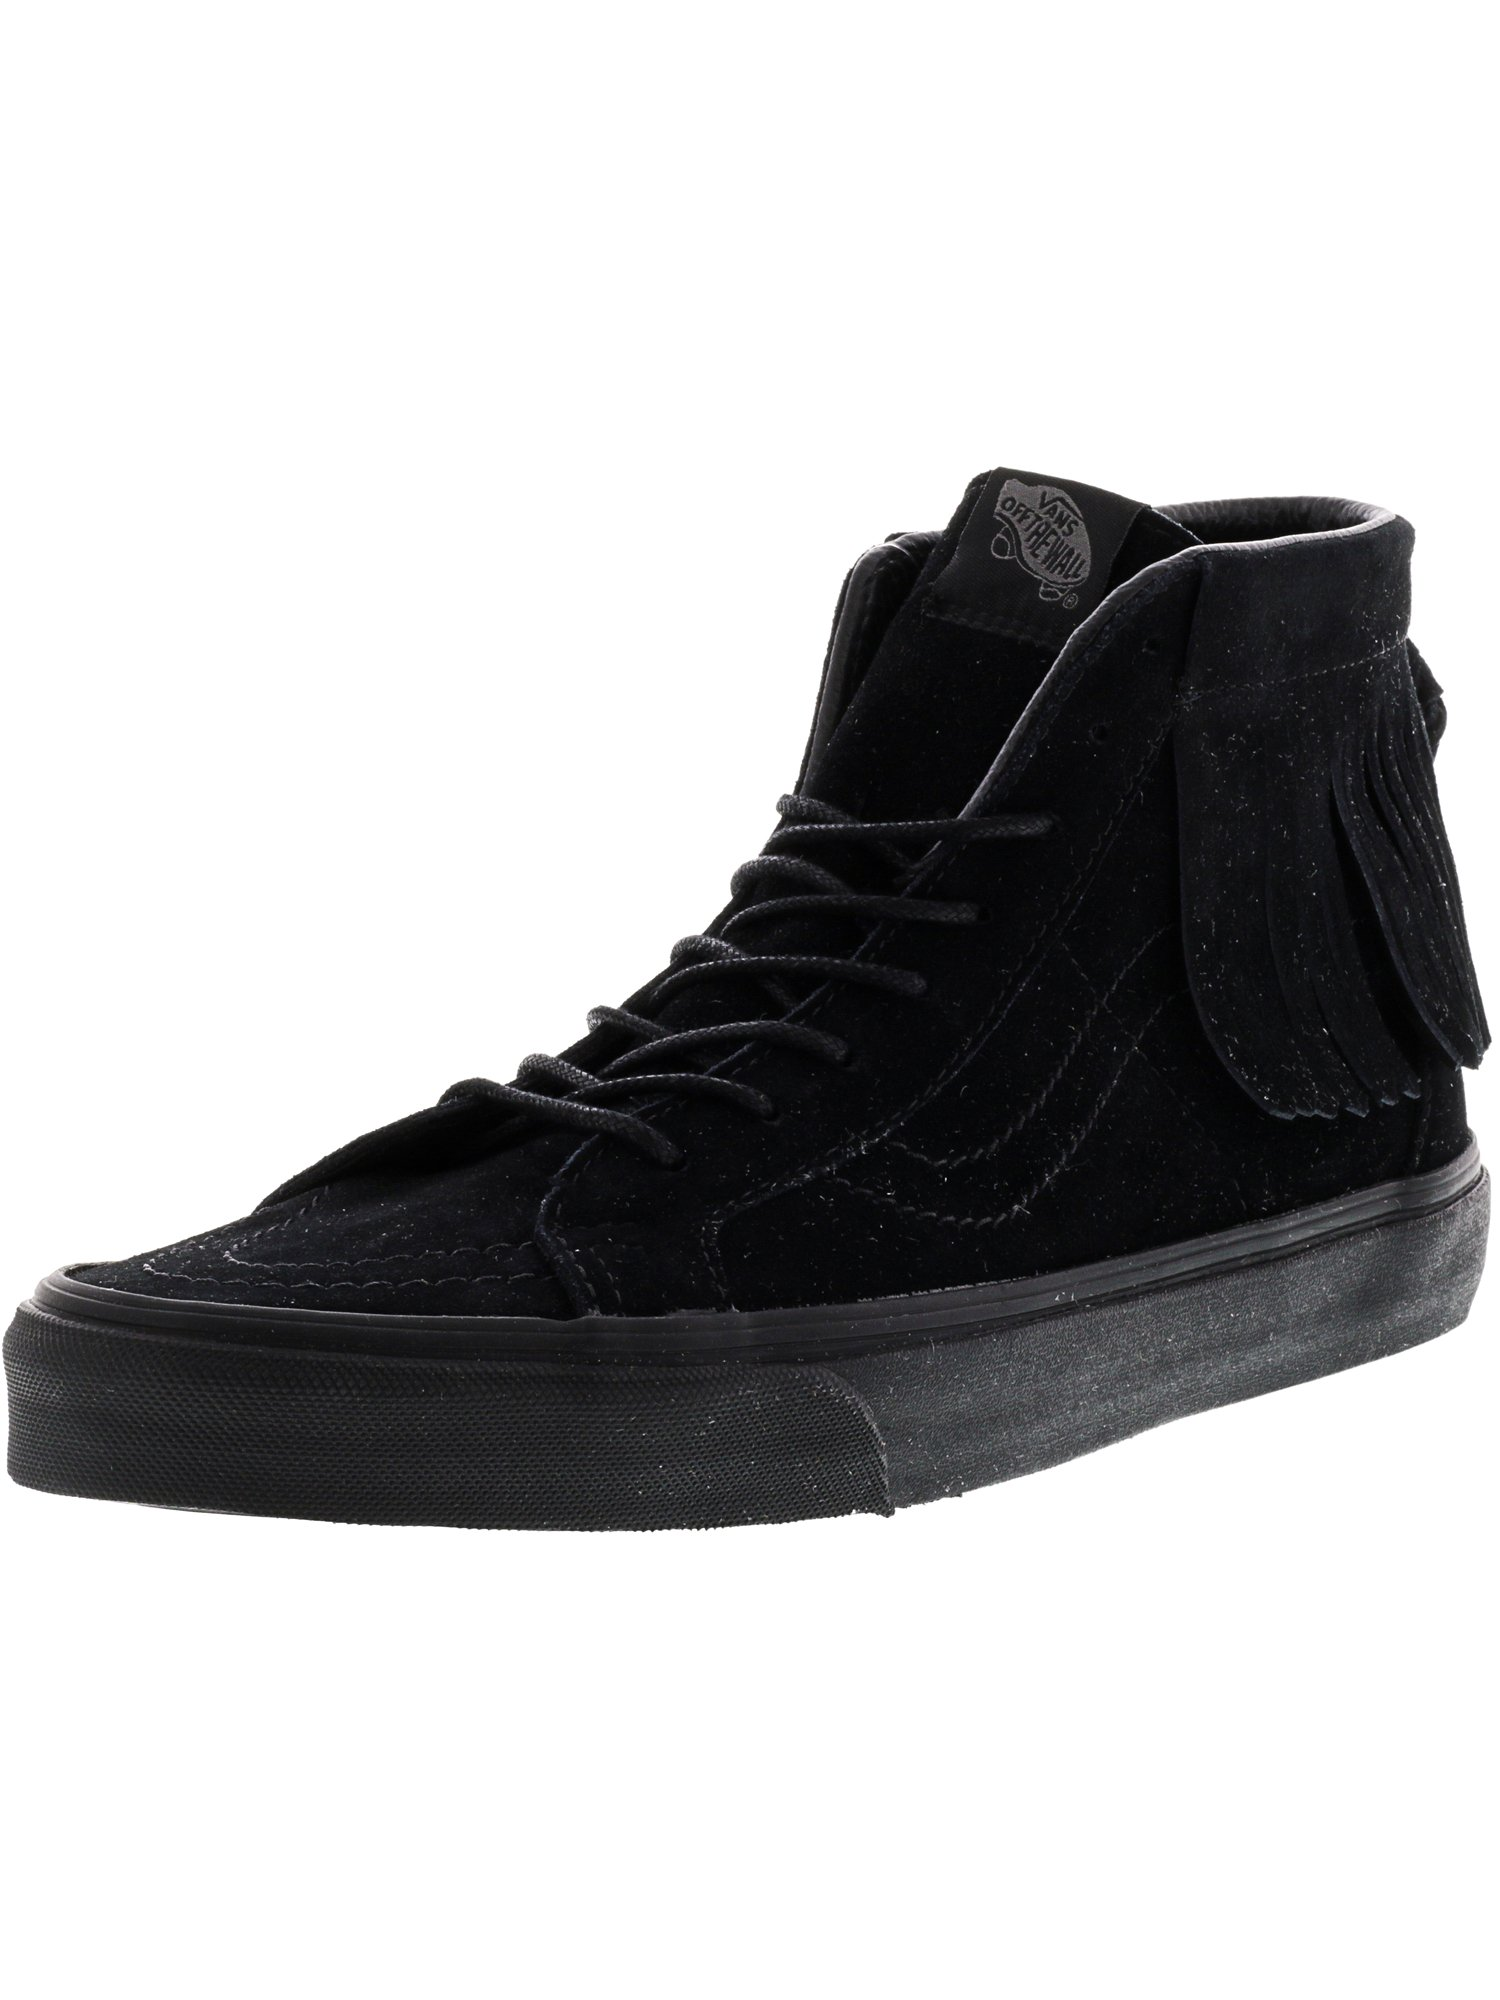 Vans Men's Sk8-Hi Moc Suede Black / High-Top Skateboarding Shoe - 10M